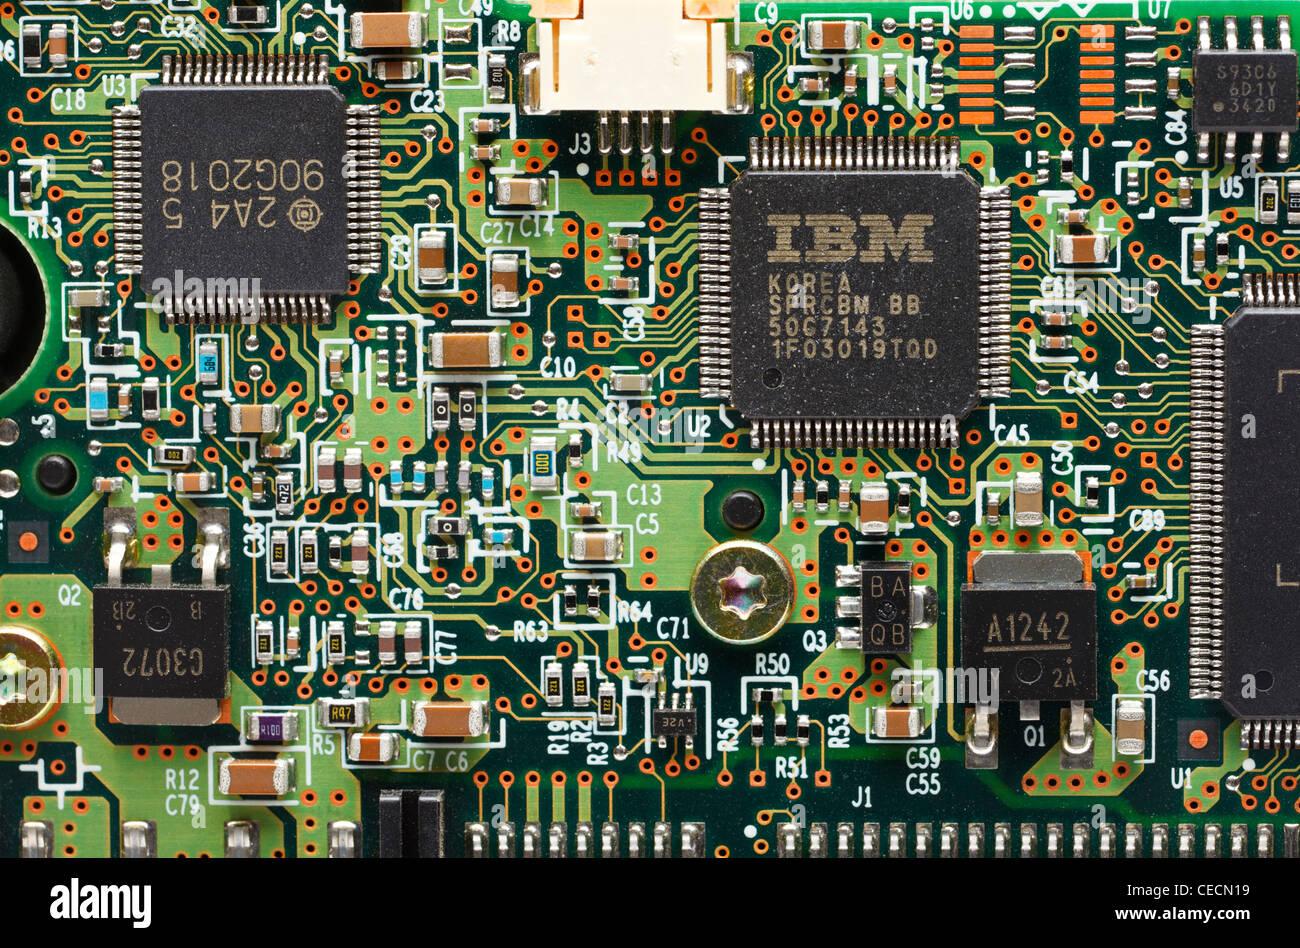 IBM scheda di circuito che mostra microchip e componenti Immagini Stock